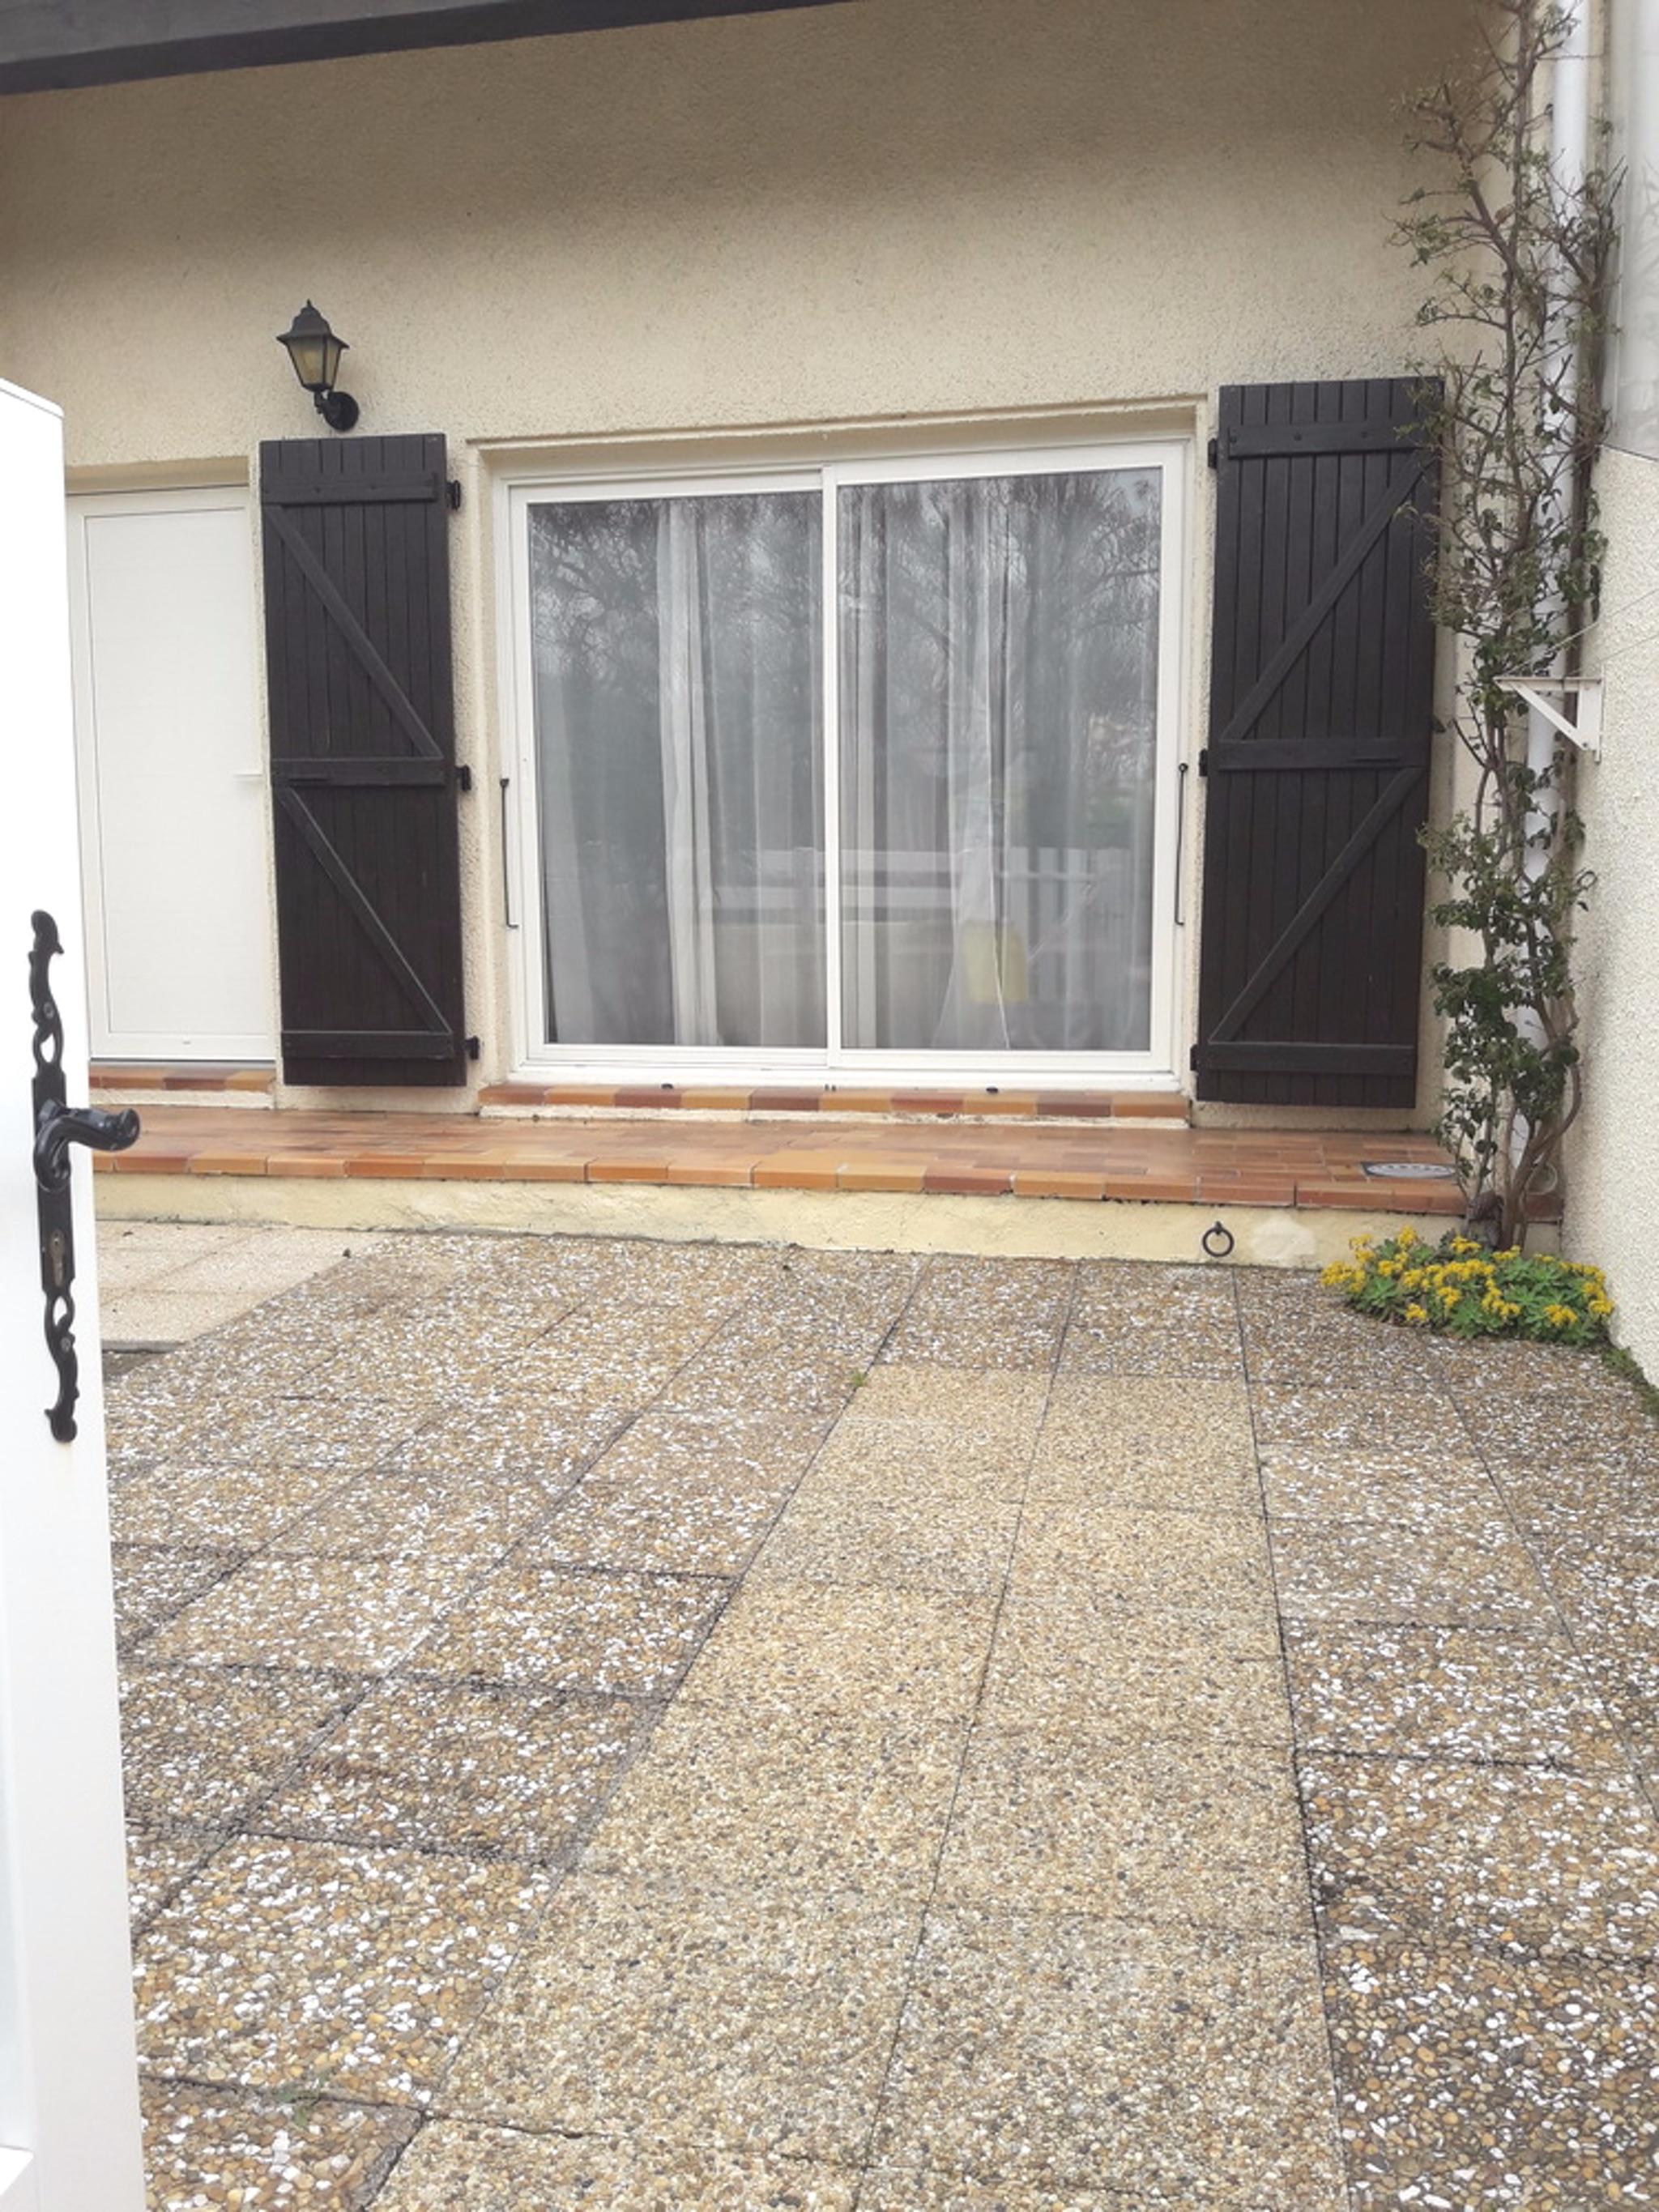 Ferienhaus Haus mit 2 Zimmern in Sainte-Marie mit eingezäuntem Garten - 150 m vom Strand entfernt (2202719), Sainte Marie la Mer, Mittelmeerküste Pyrénées-Orientales, Languedoc-Roussillon, Frankreich, Bild 4